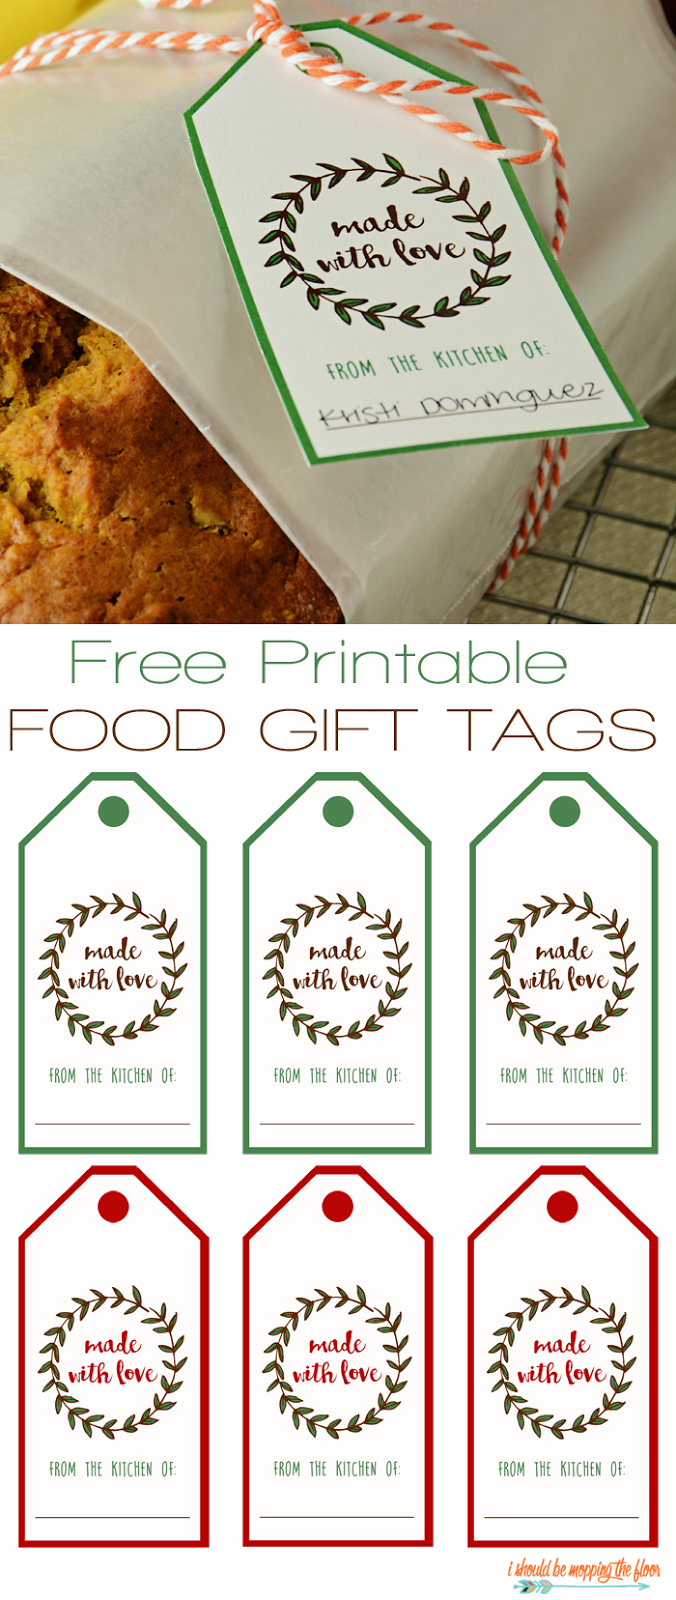 Free Printable Food Gift Tags | Printables | Pinterest | Gift Tags - Free Printable Christmas Food Labels